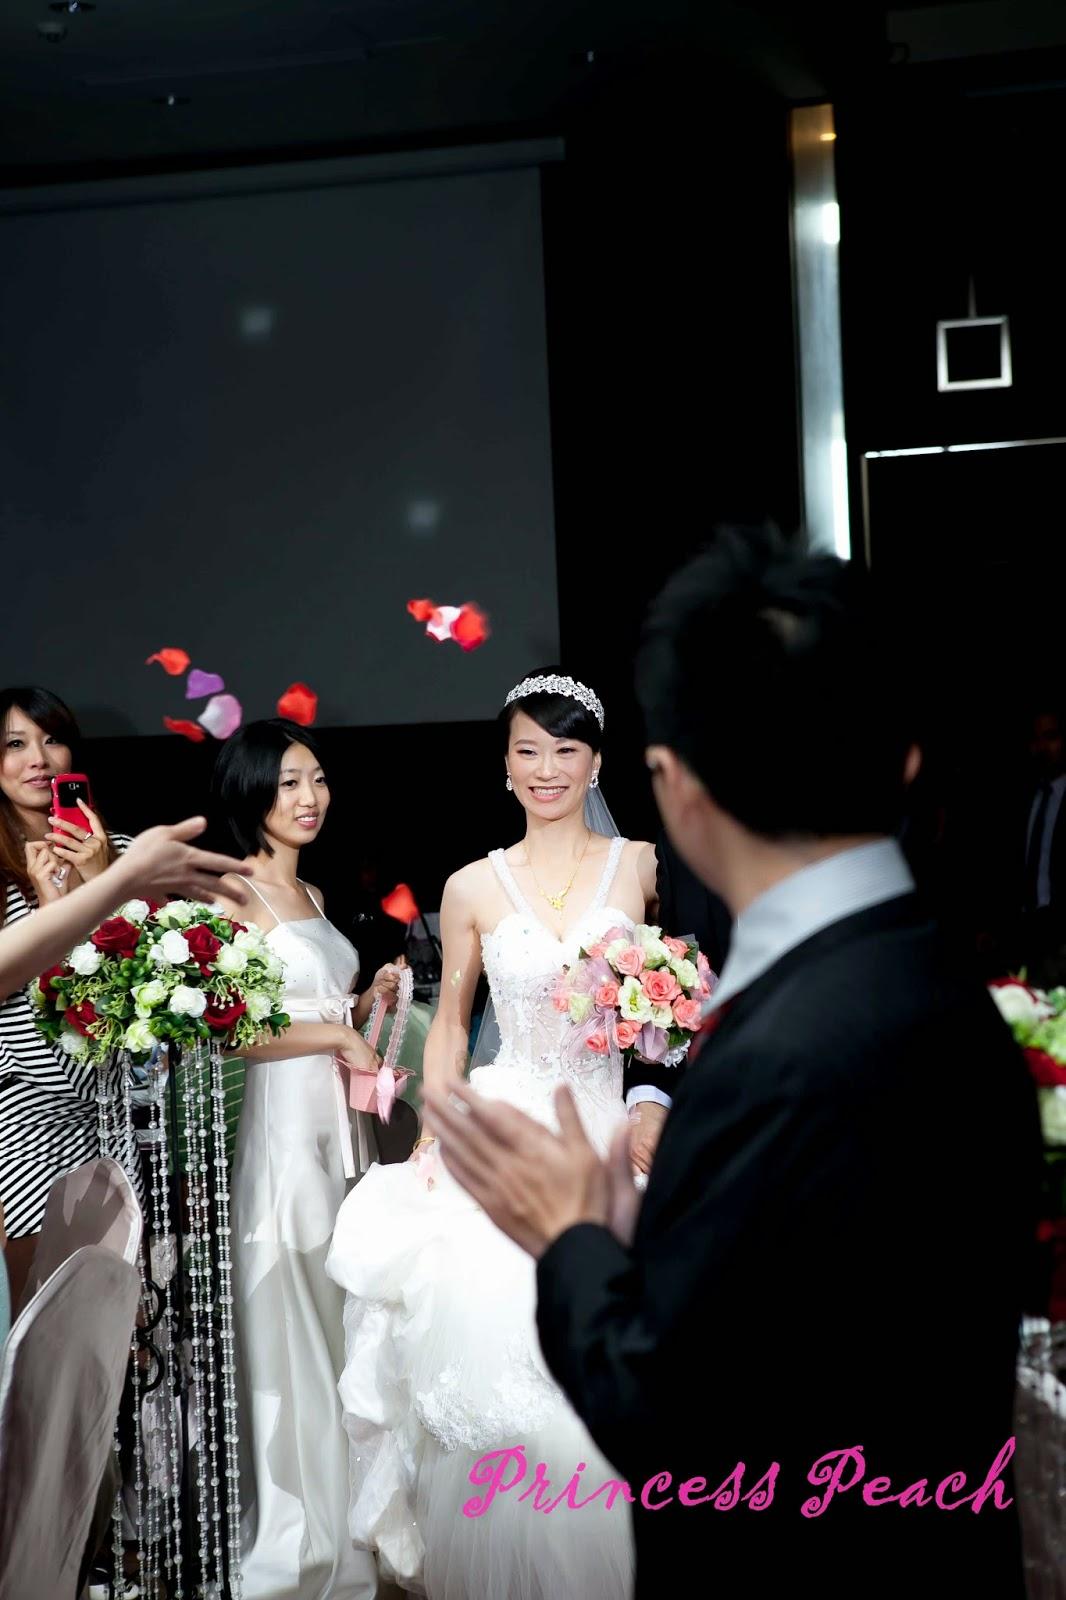 http://twpeach.blogspot.com/2014/04/wedding-chts.html